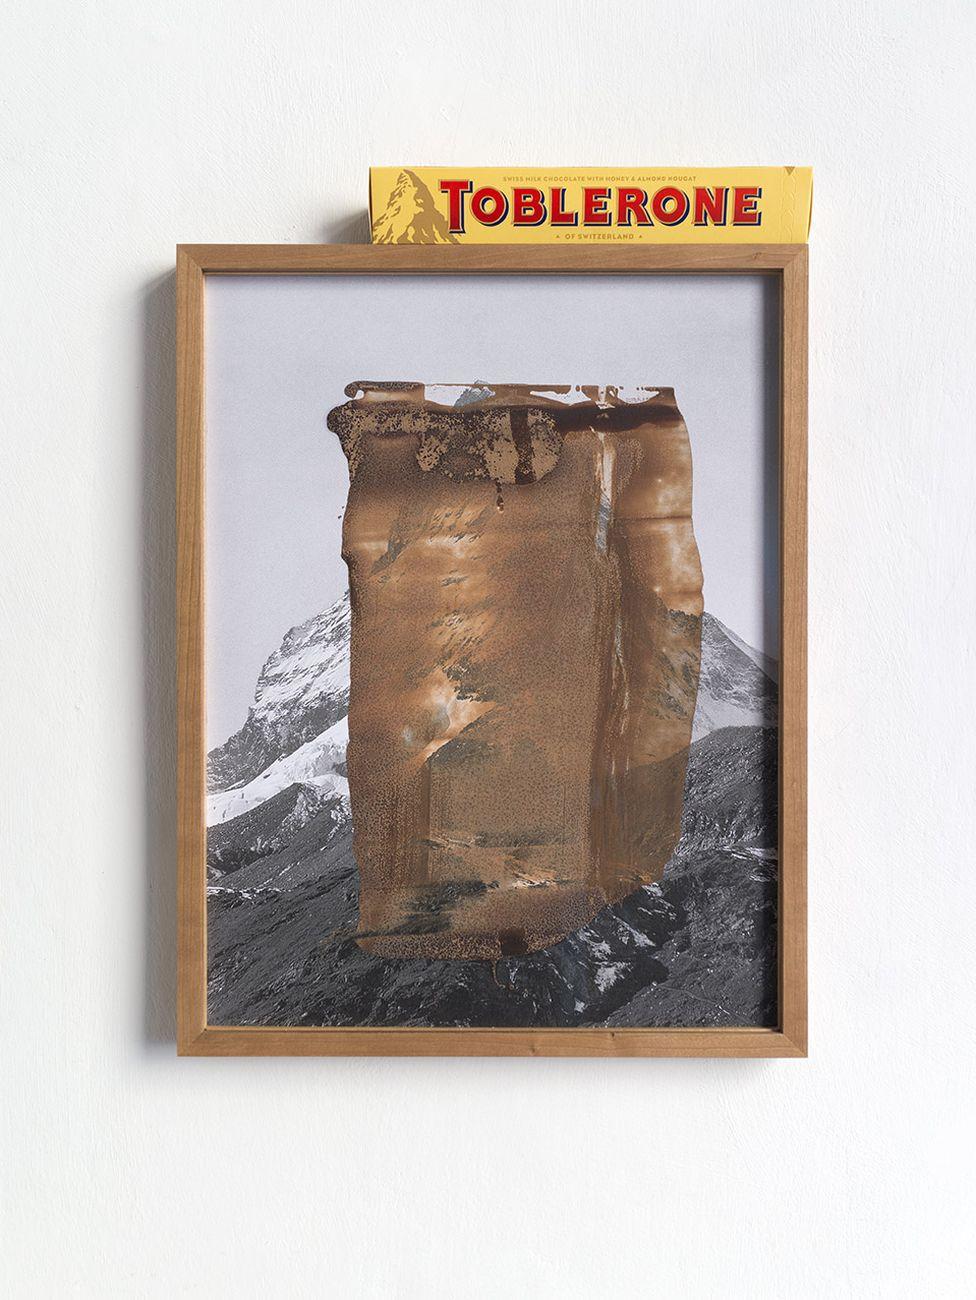 Laura Pugno, Abused, 2020, stampa Inkjet, cioccolato e Toblerone, 28,5x38,5 cm